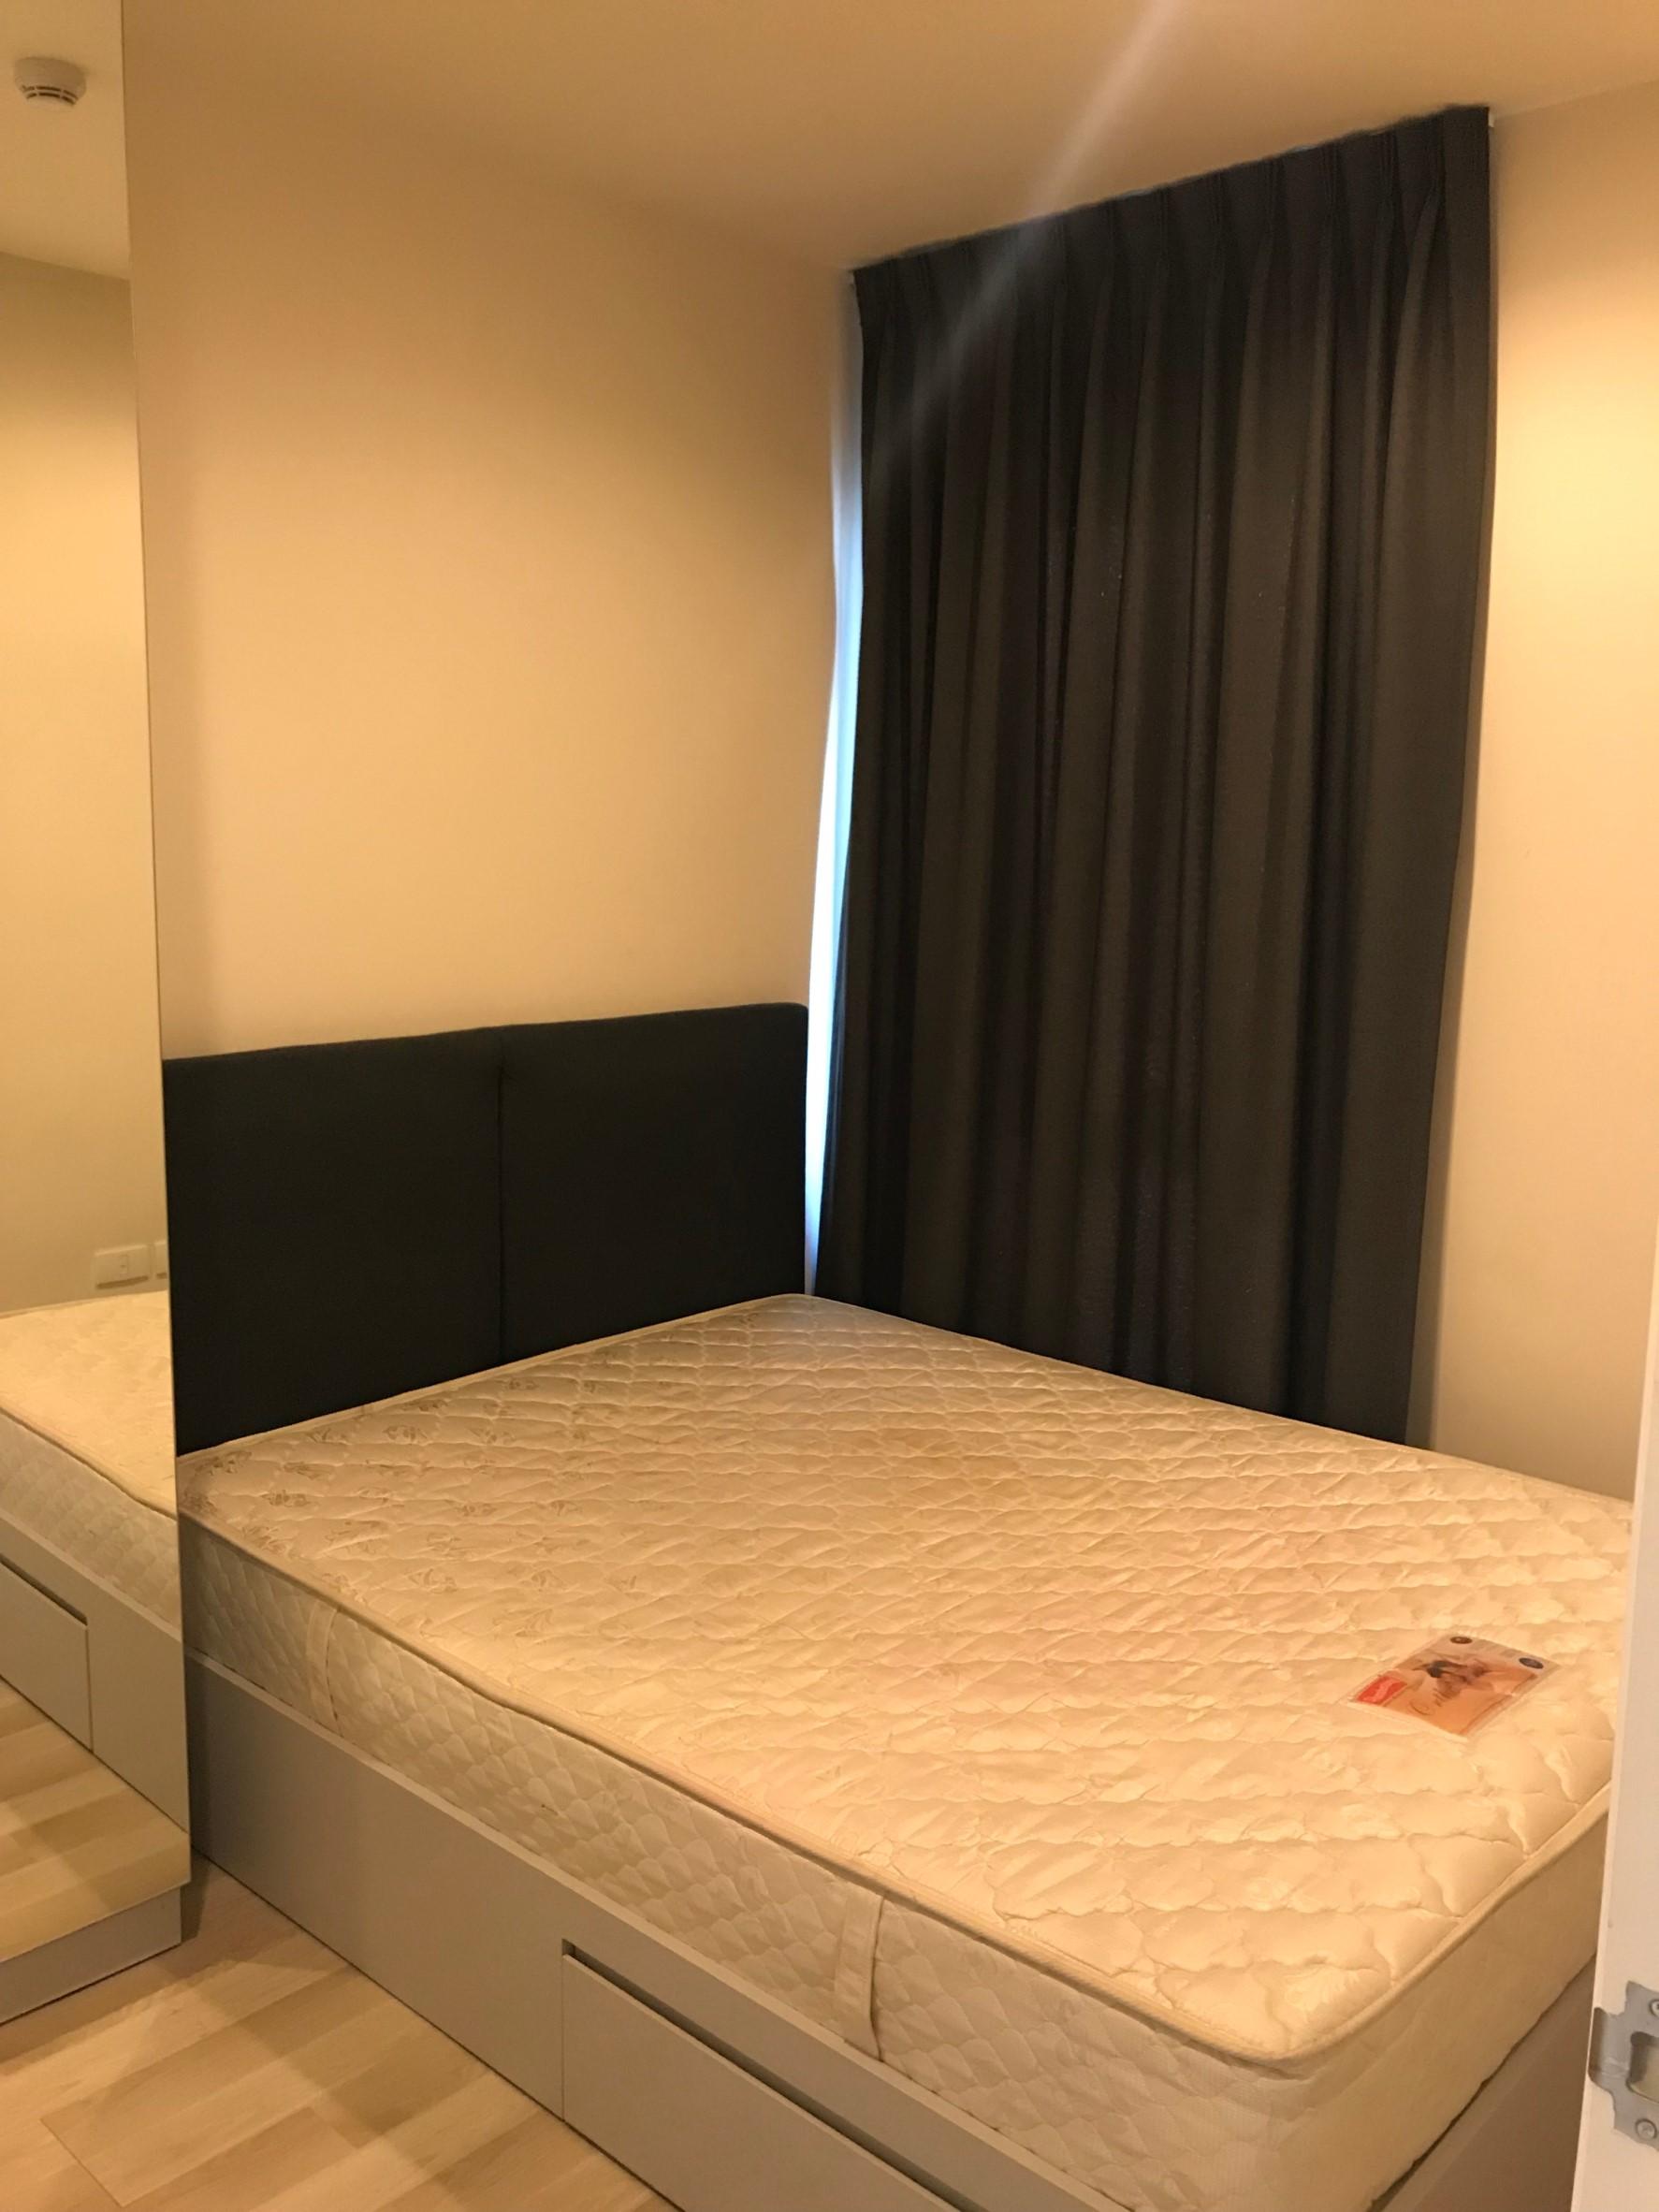 ภาพคอนโดต้องการขายพร้อมสัญญาเช่า เซ็นทริค รัชดา-ห้วยขวาง  รัชดาภิเษก  ห้วยขวาง ห้วยขวาง 1 ห้องนอน พร้อมอยู่ ราคาถูก